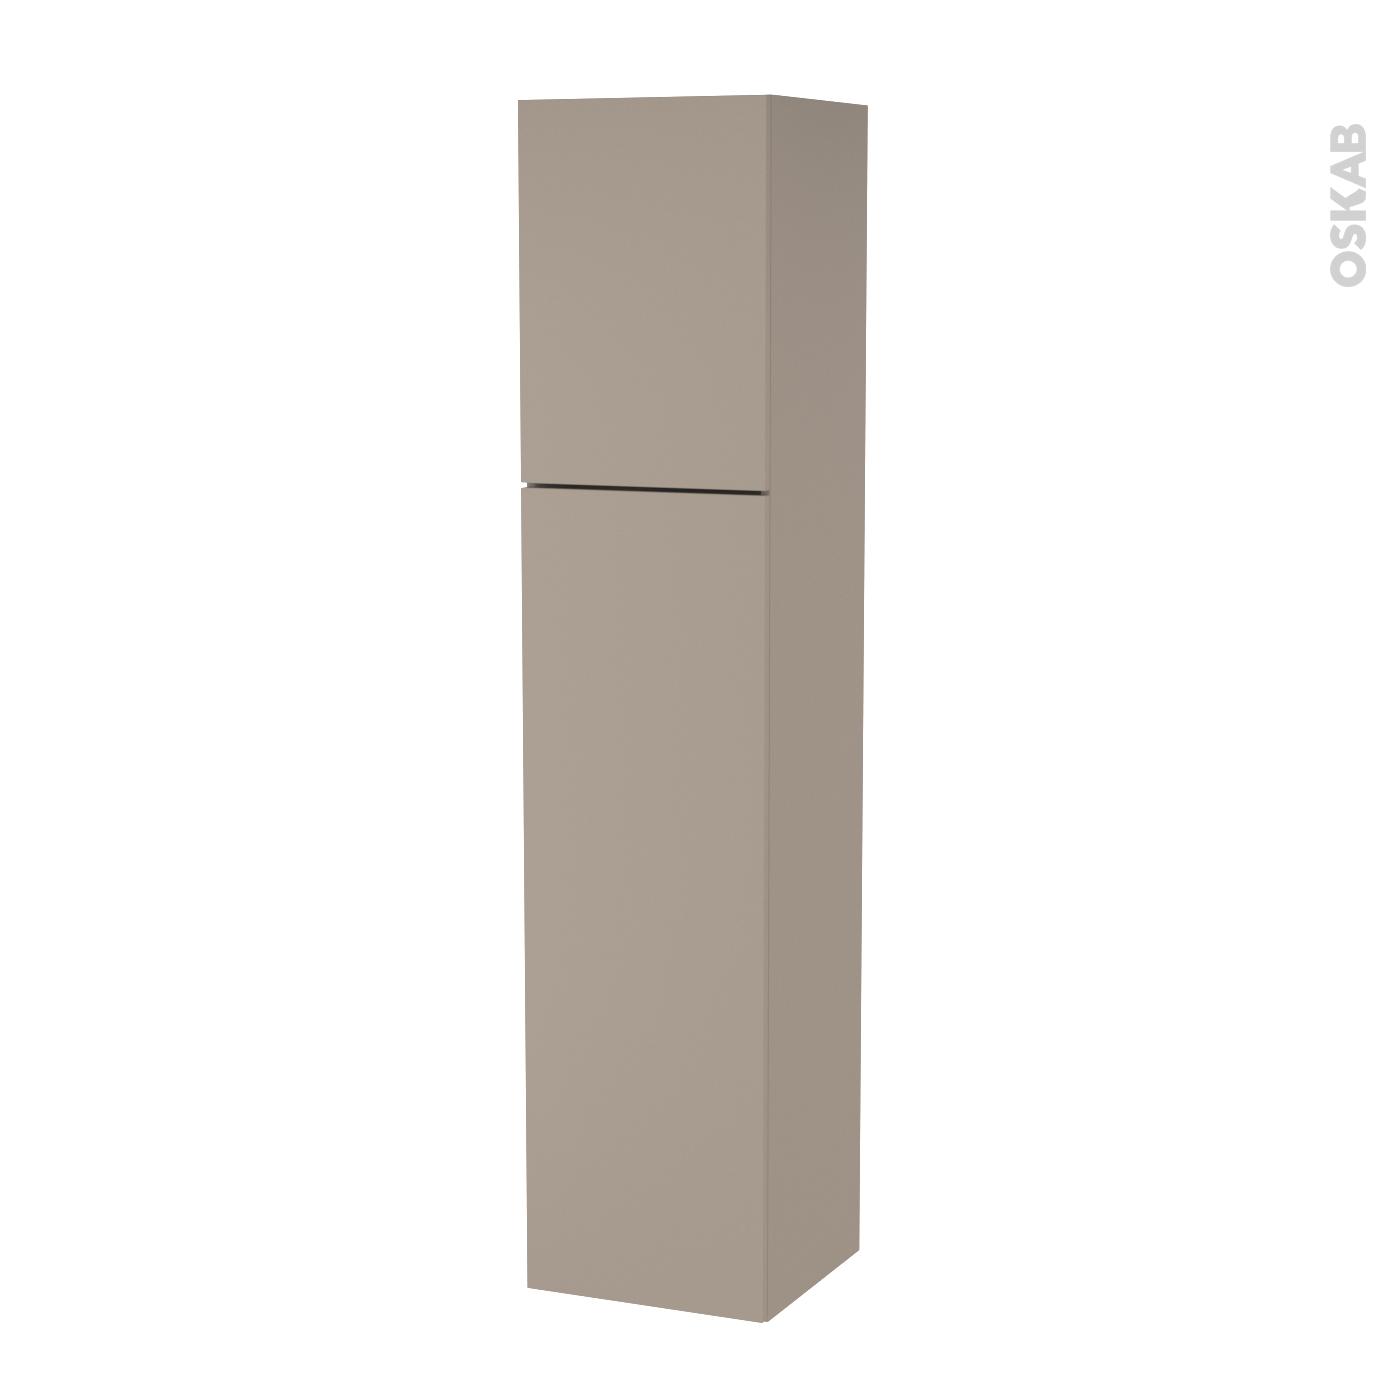 Colonne de salle de bains 2 portes GINKO Taupe Côtés décors Version A L40 x  H182 x P40 cm - Oskab